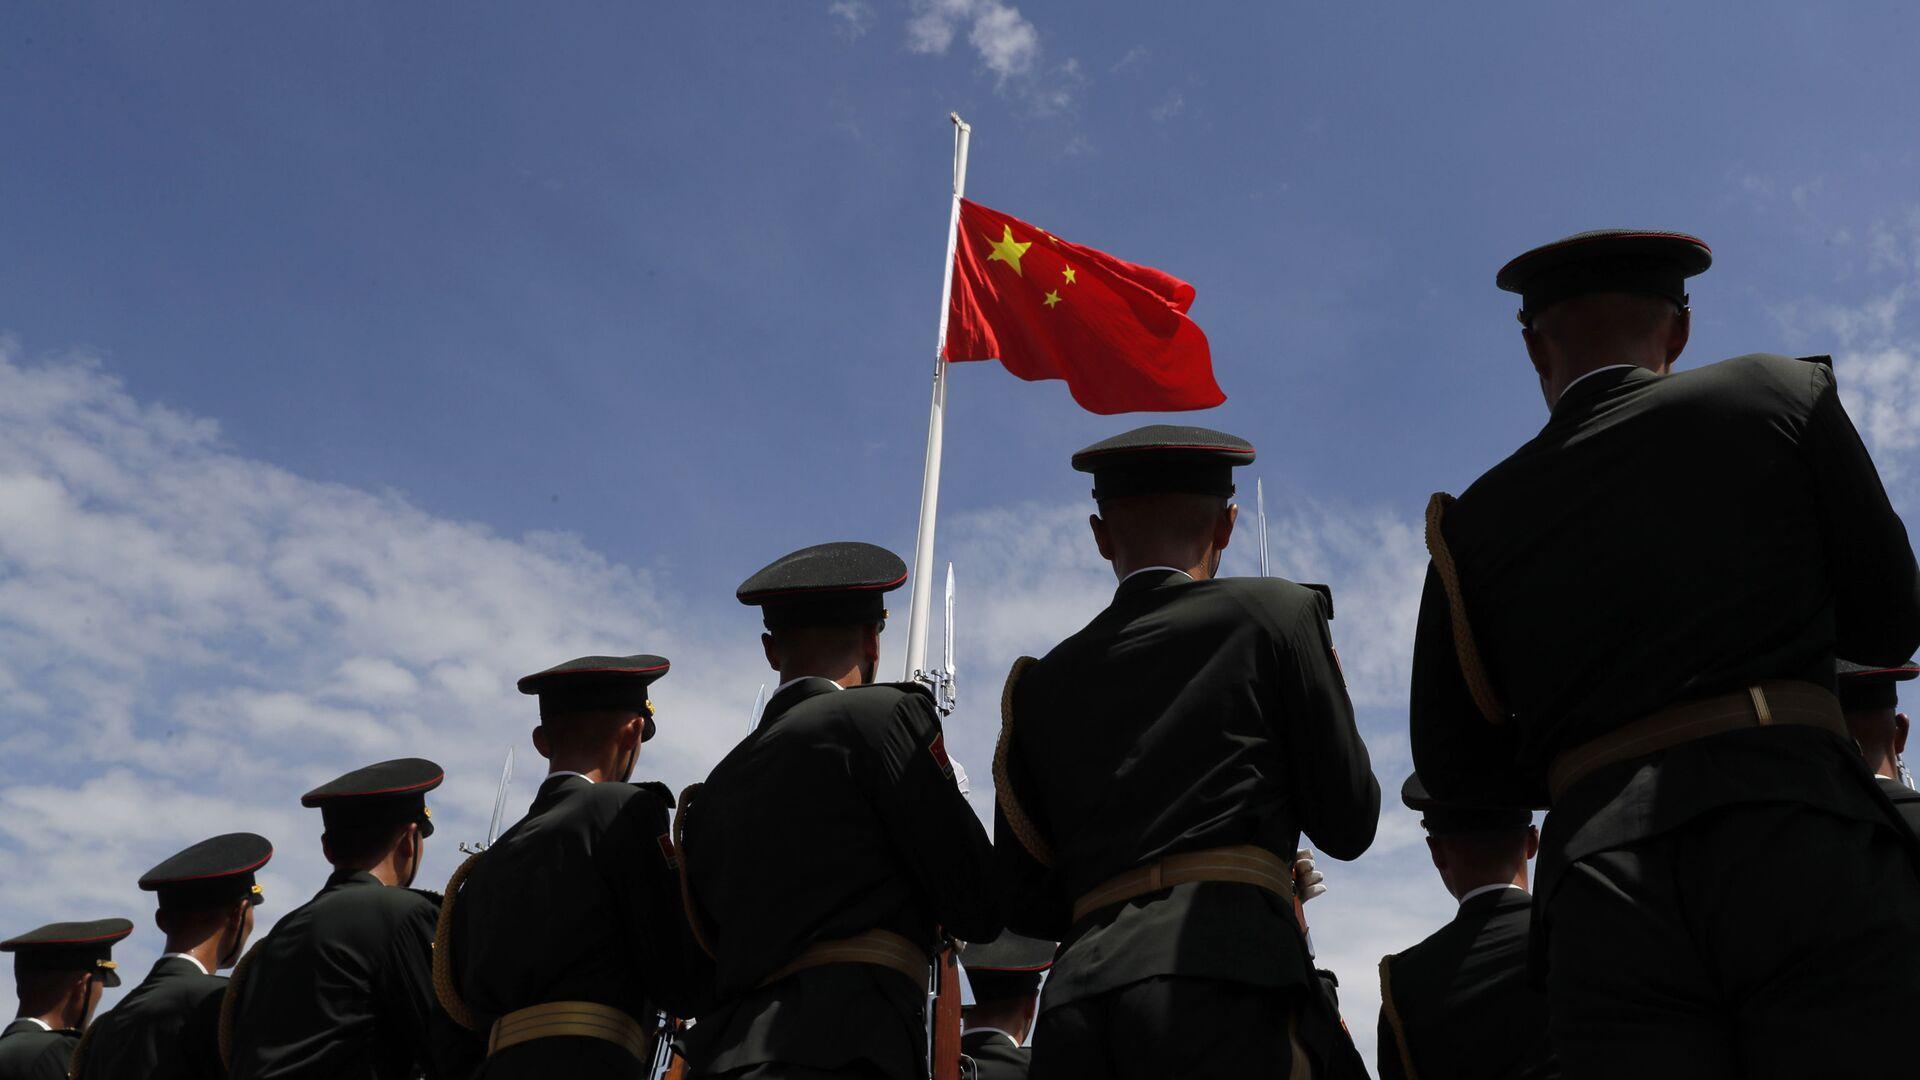 Quân đội giải phóng nhân dân Trung Quốc - Sputnik Việt Nam, 1920, 18.09.2021